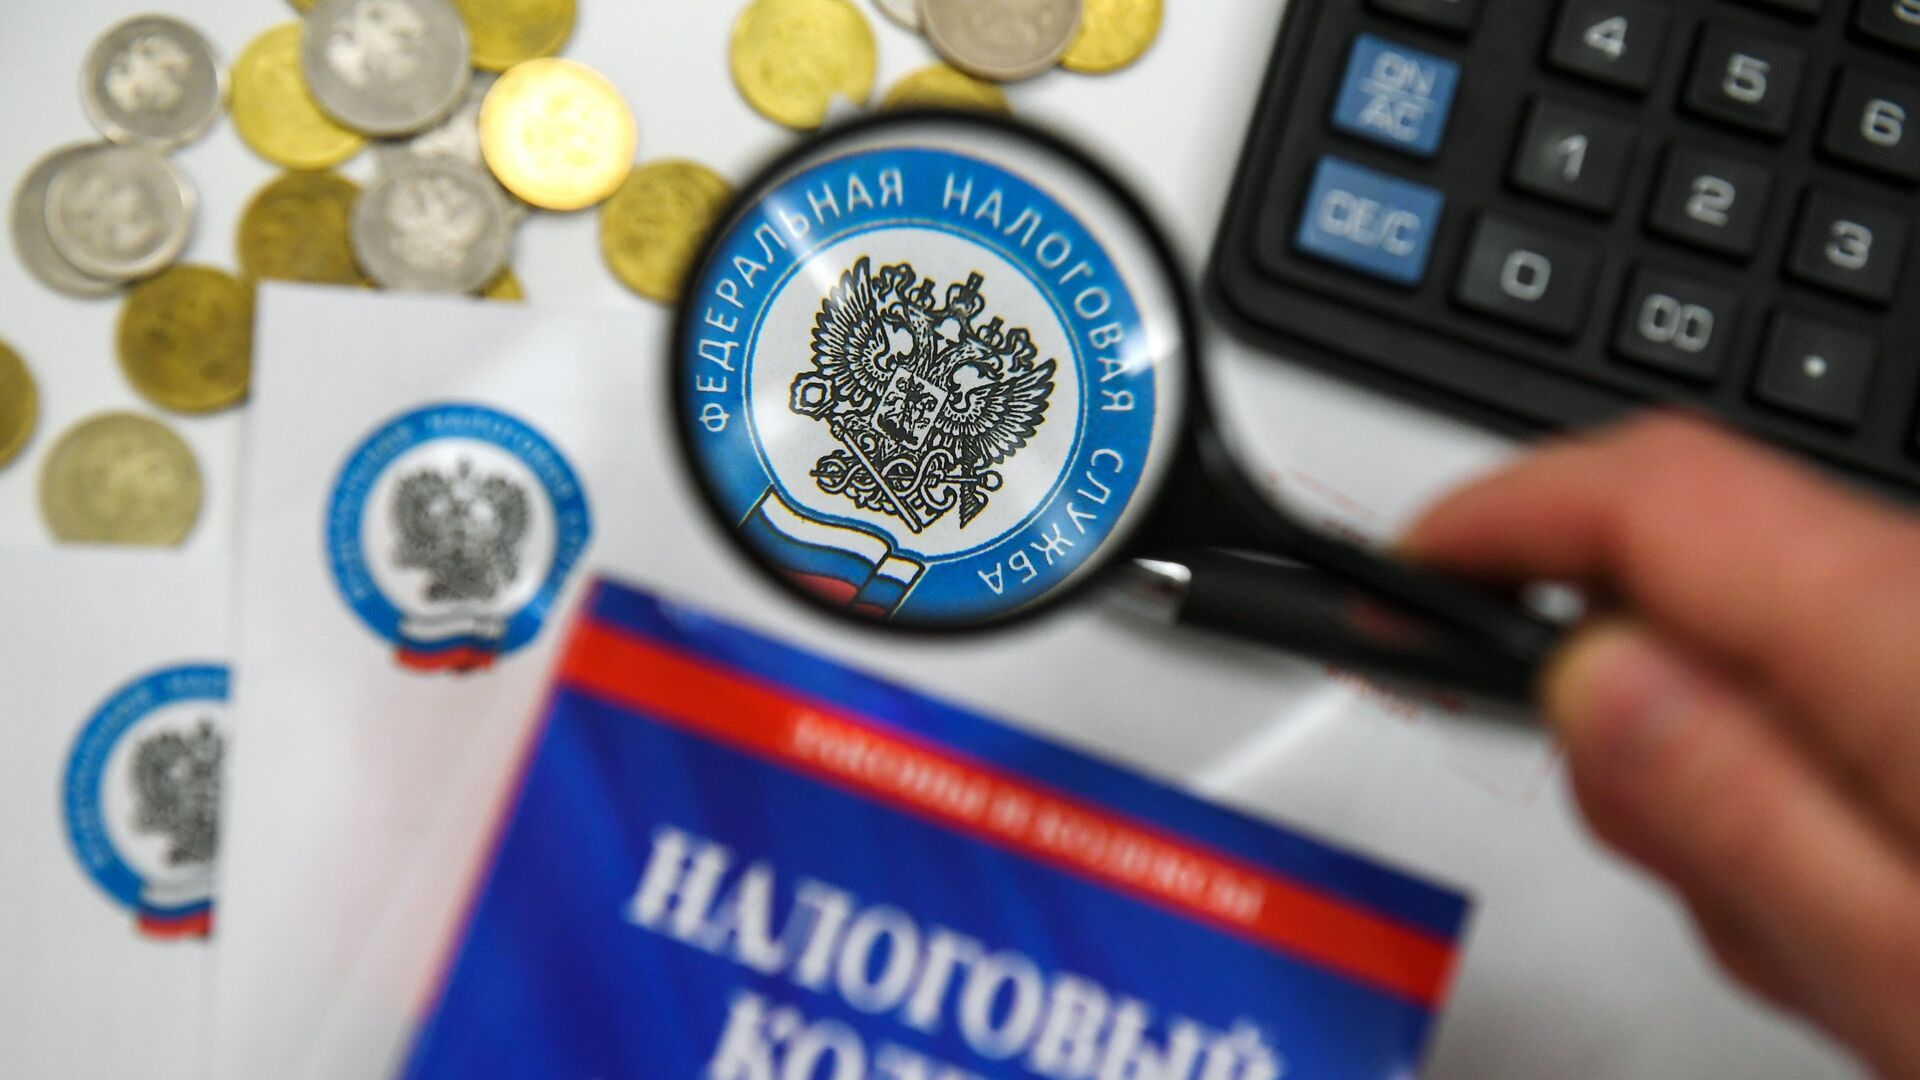 Налоговый кодекс РФ и конверты с логотипом ФНС РФ - РИА Новости, 1920, 04.06.2021